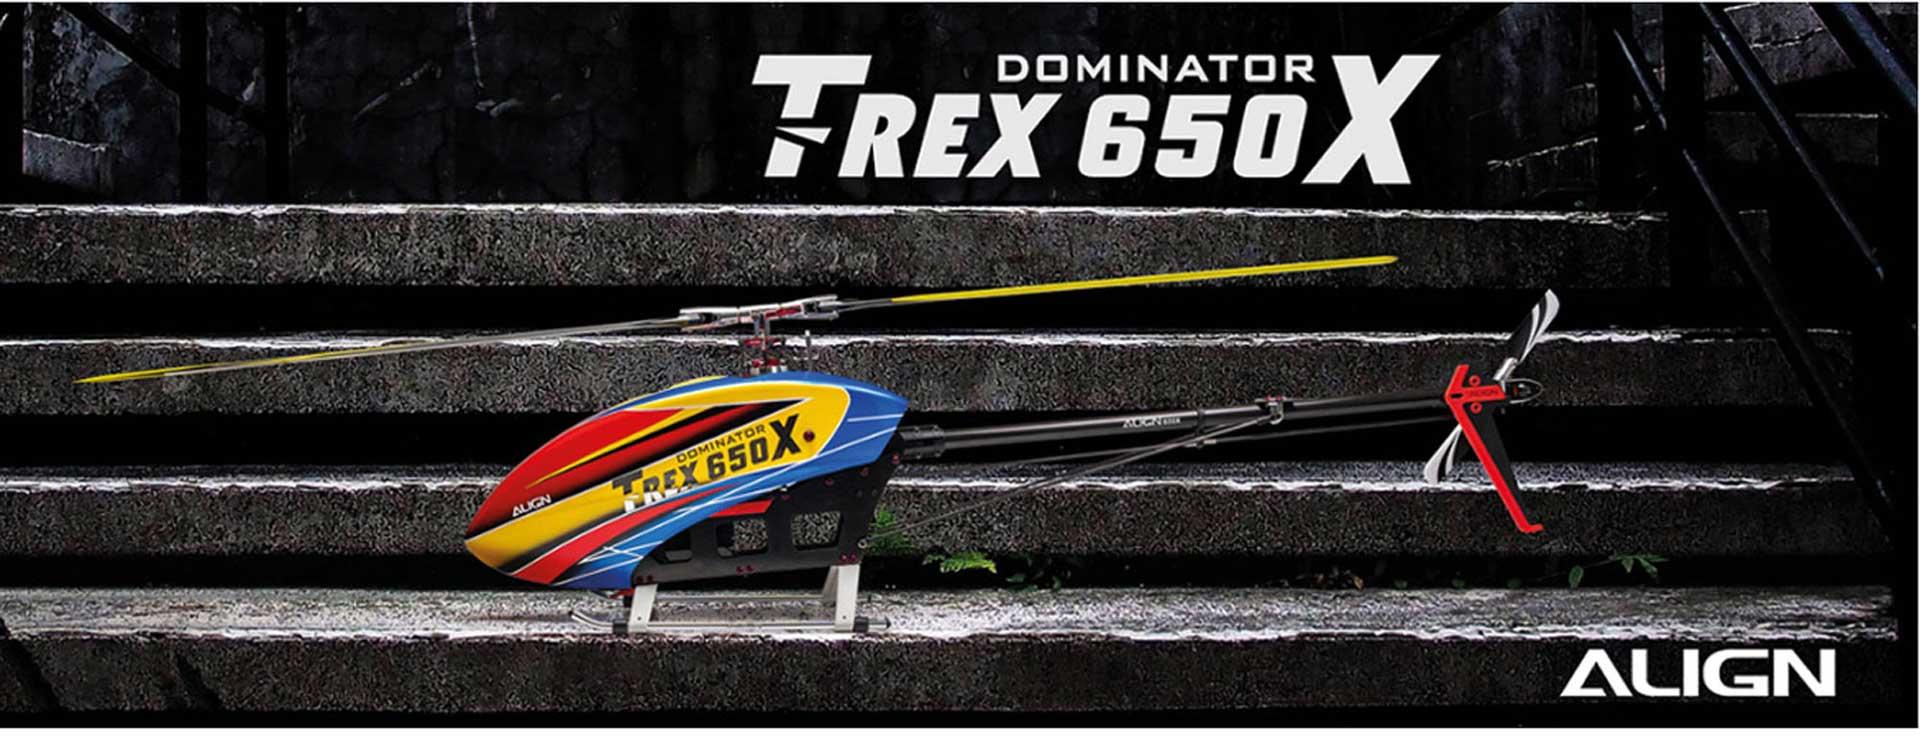 ALIGN T-REX 650X Dominator Kit (12S)